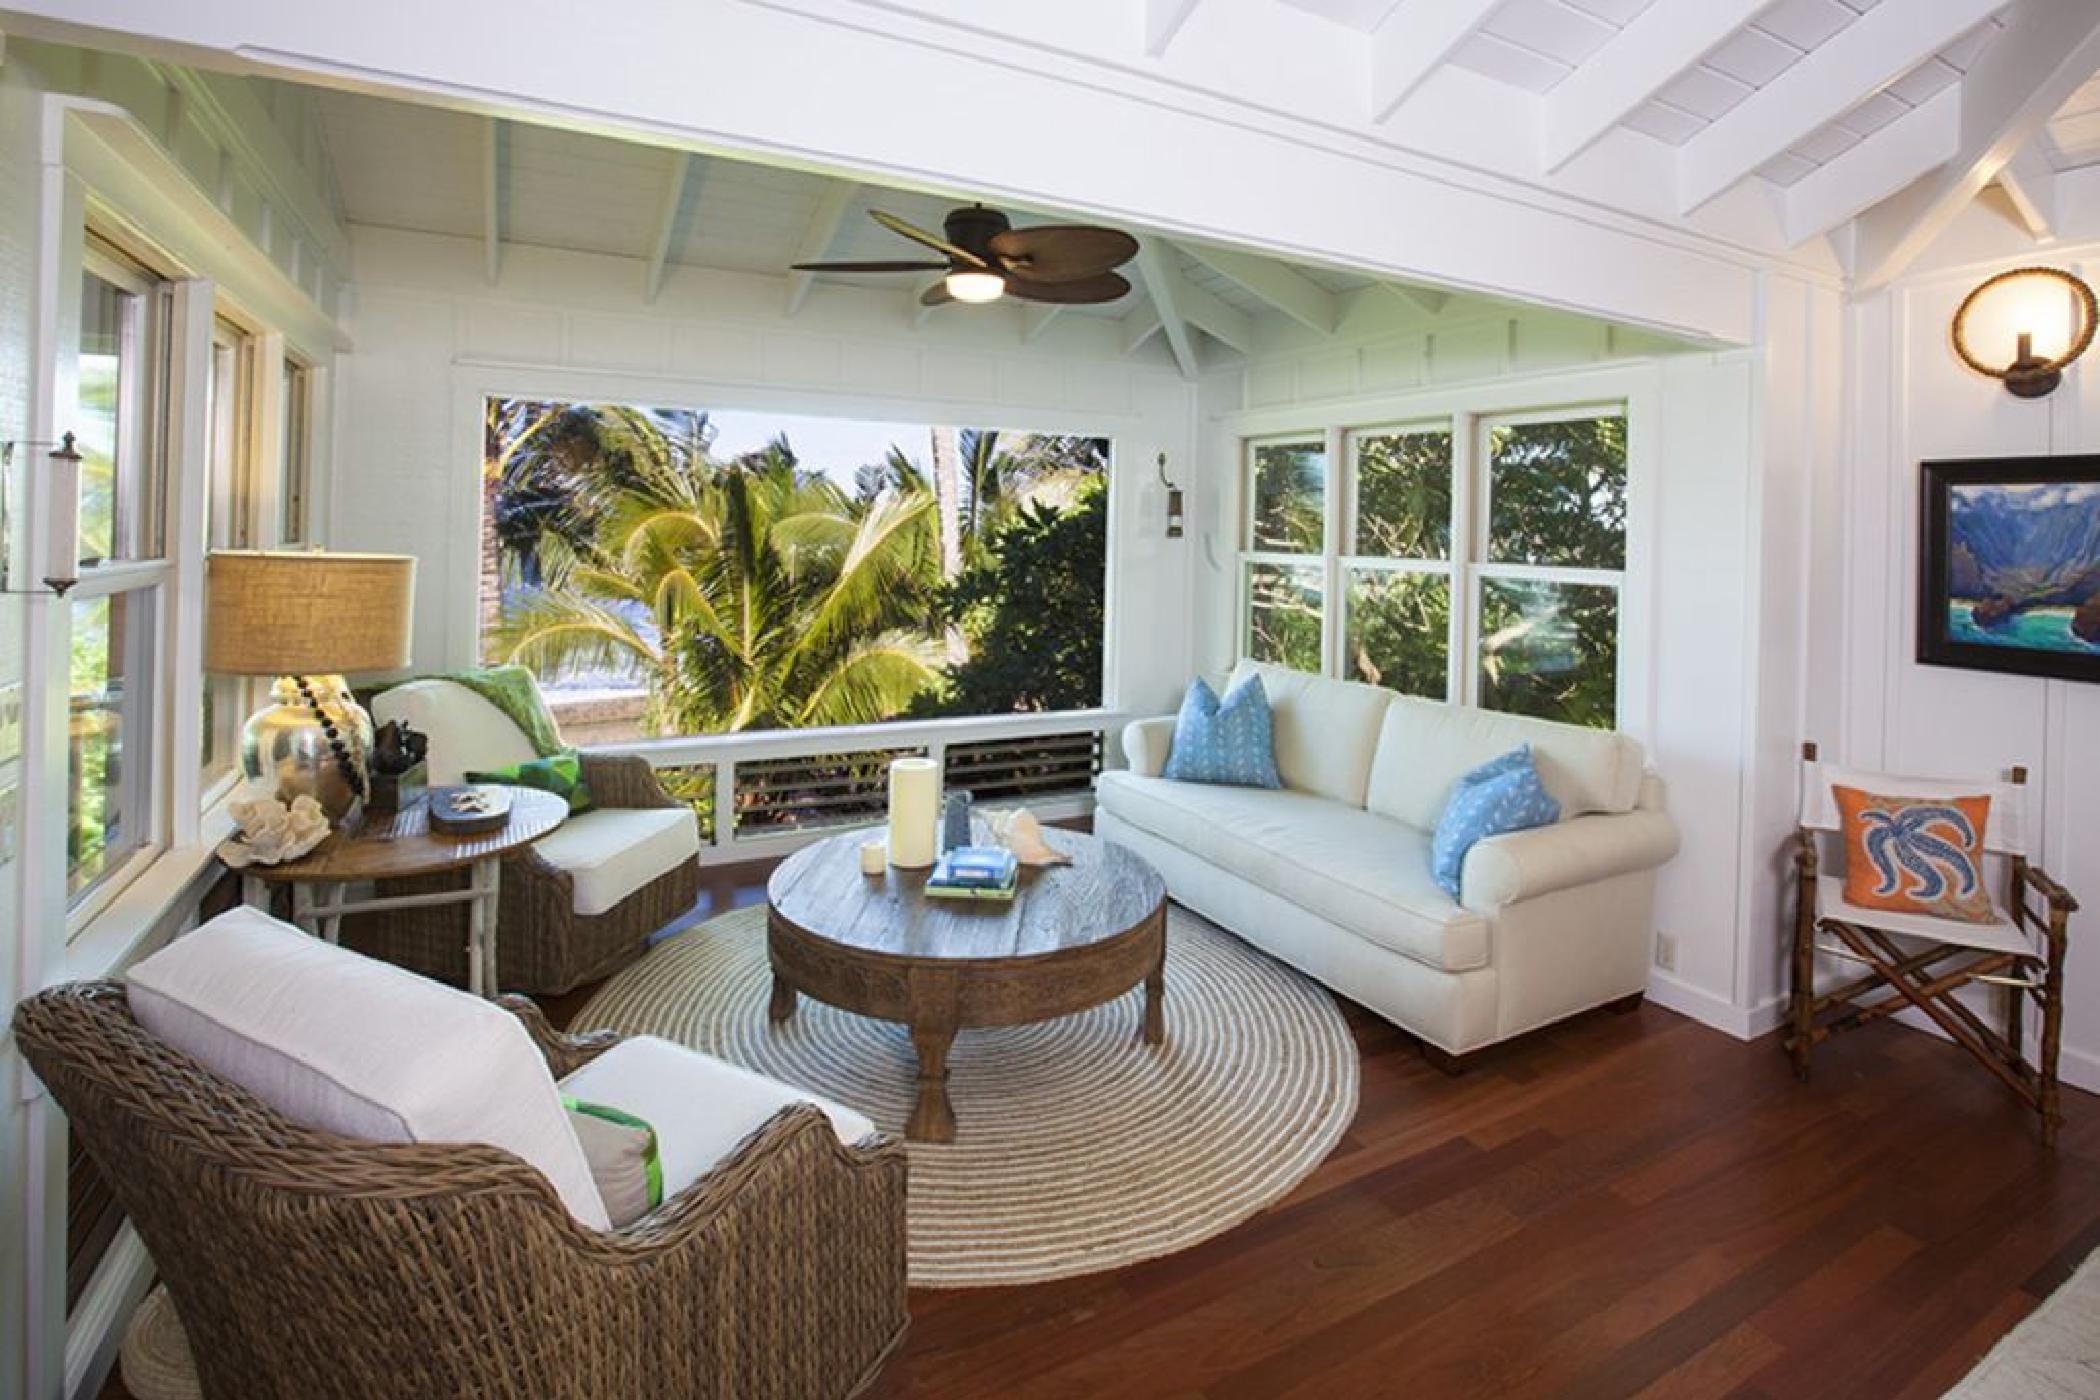 Holo Makani Beach House TVNC # 5141